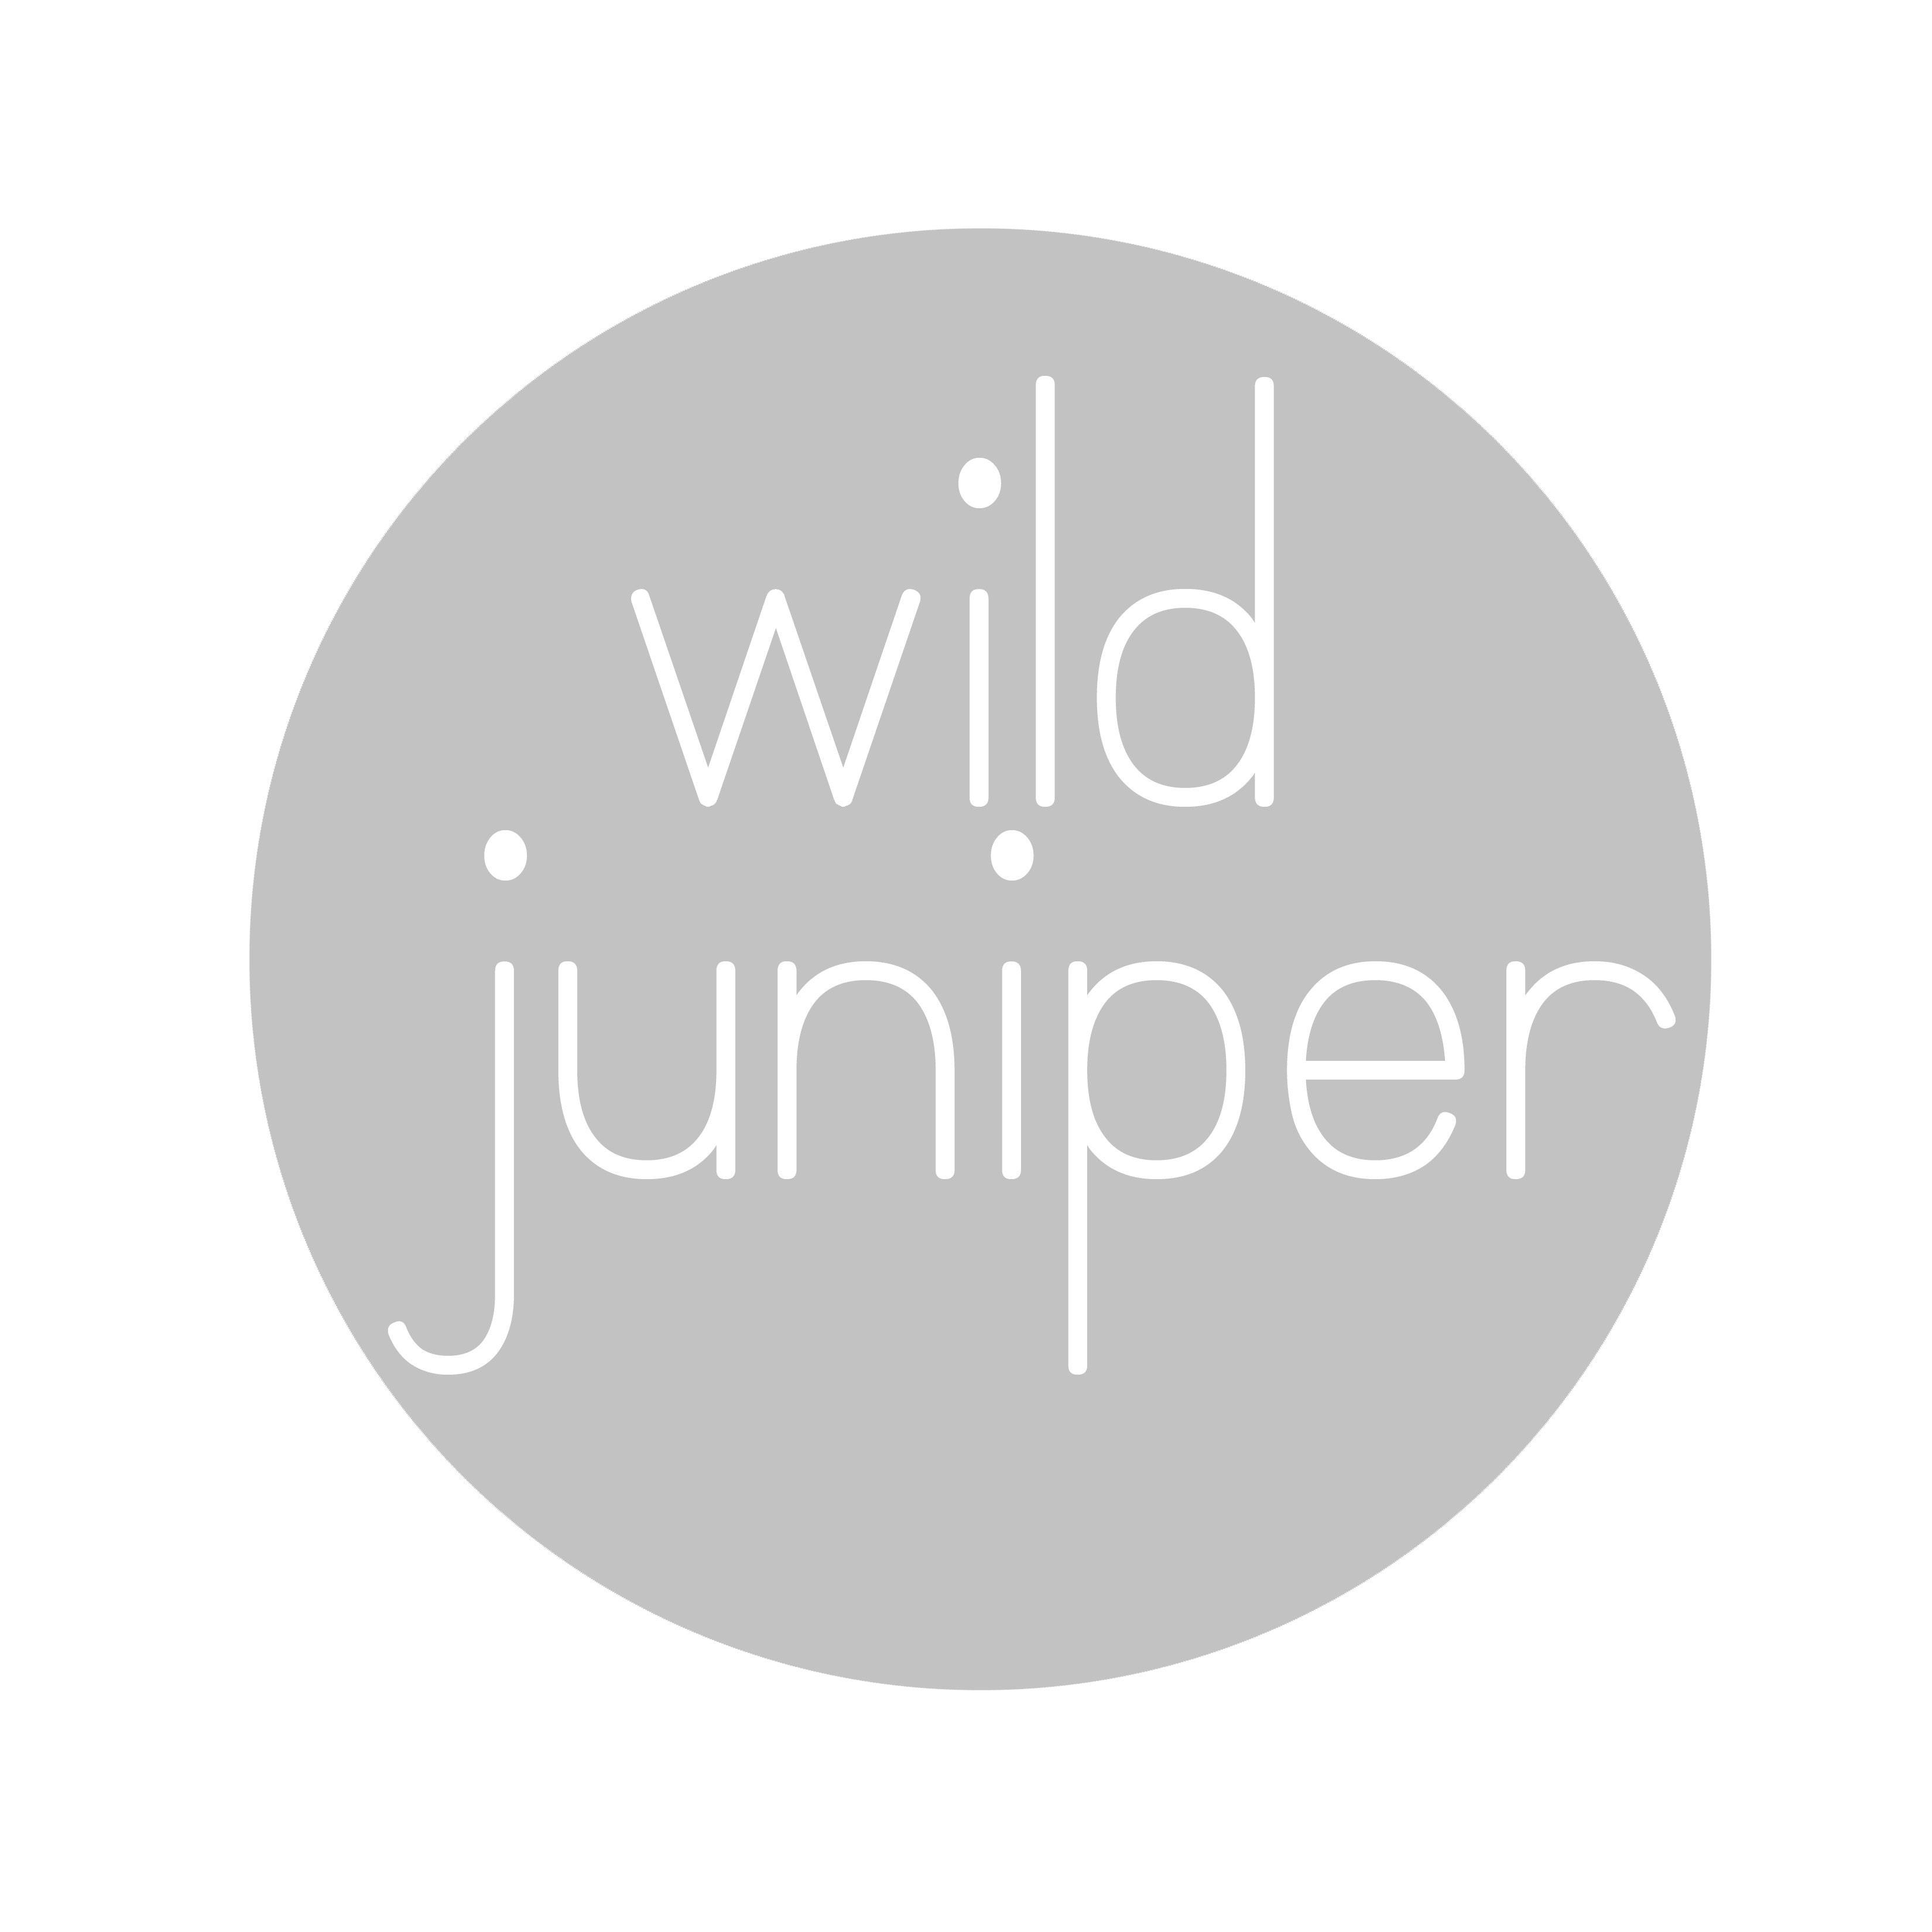 wildjuniper